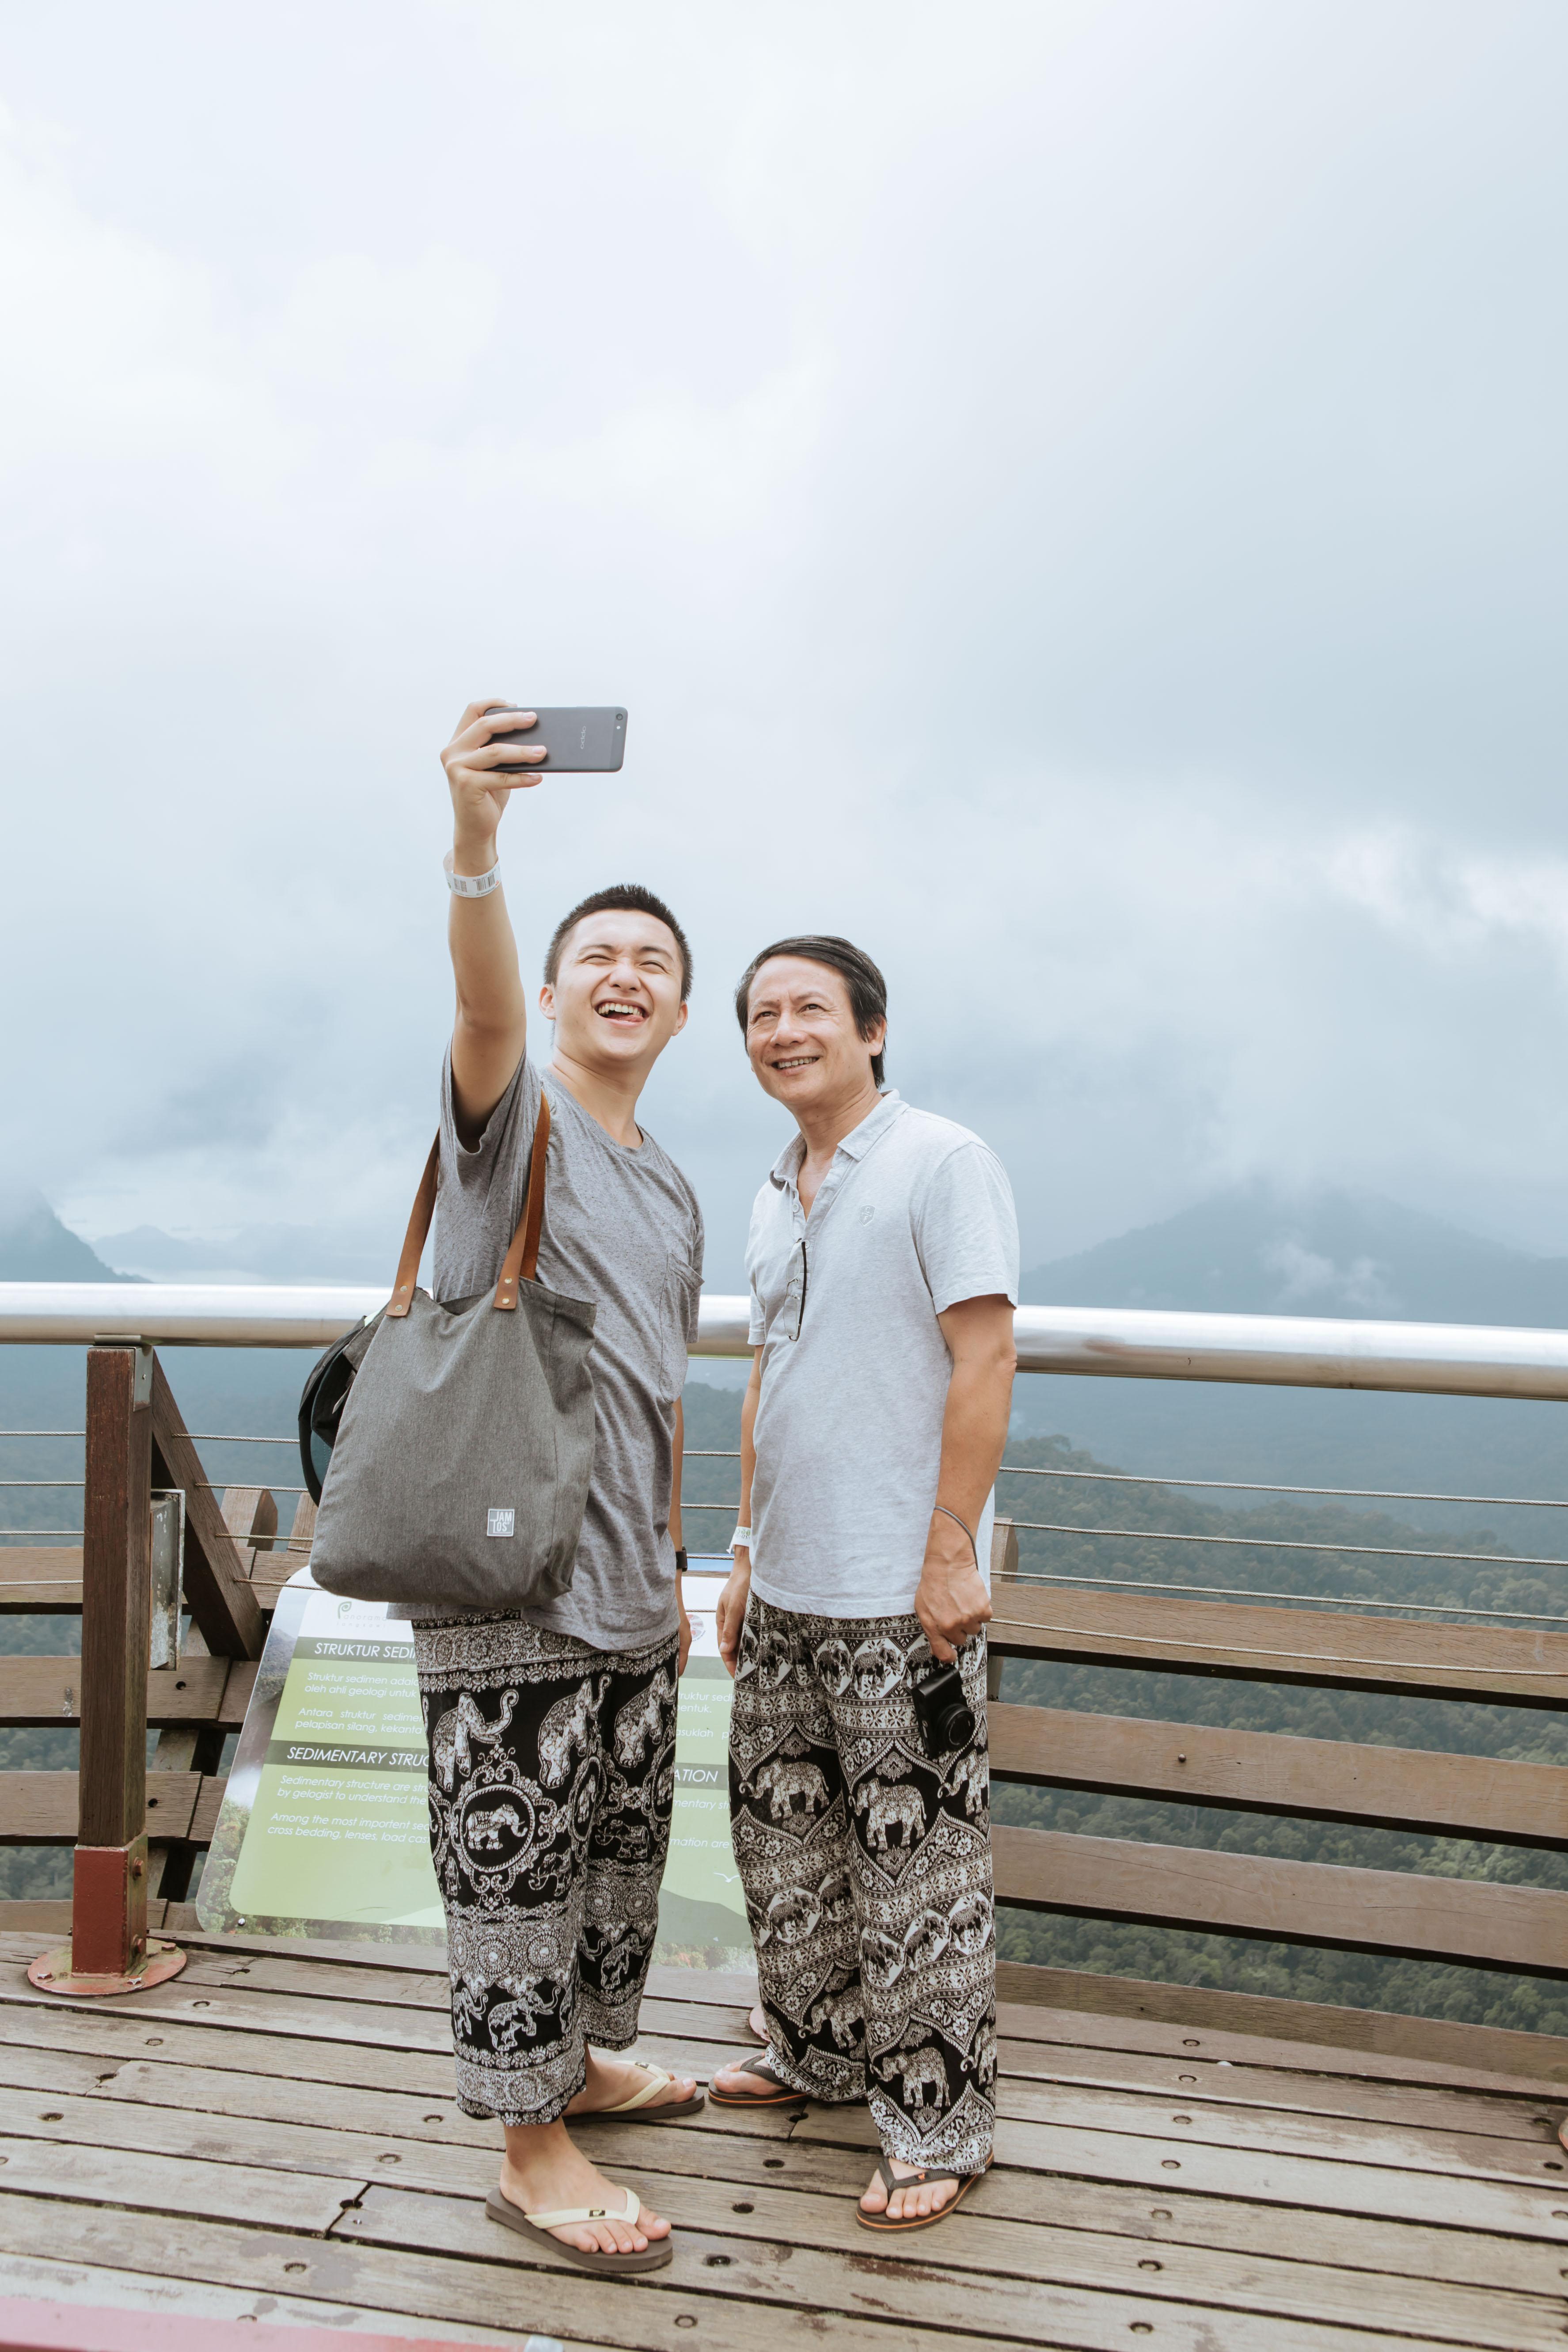 Bạn chọn ai khi muốn đi du lịch, cậu con trai Nghệ An 24 tuổi này rủ ông bố 60 tuổi, và họ có những trải nghiệm cùng nhau lần đầu tiên! - Ảnh 1.